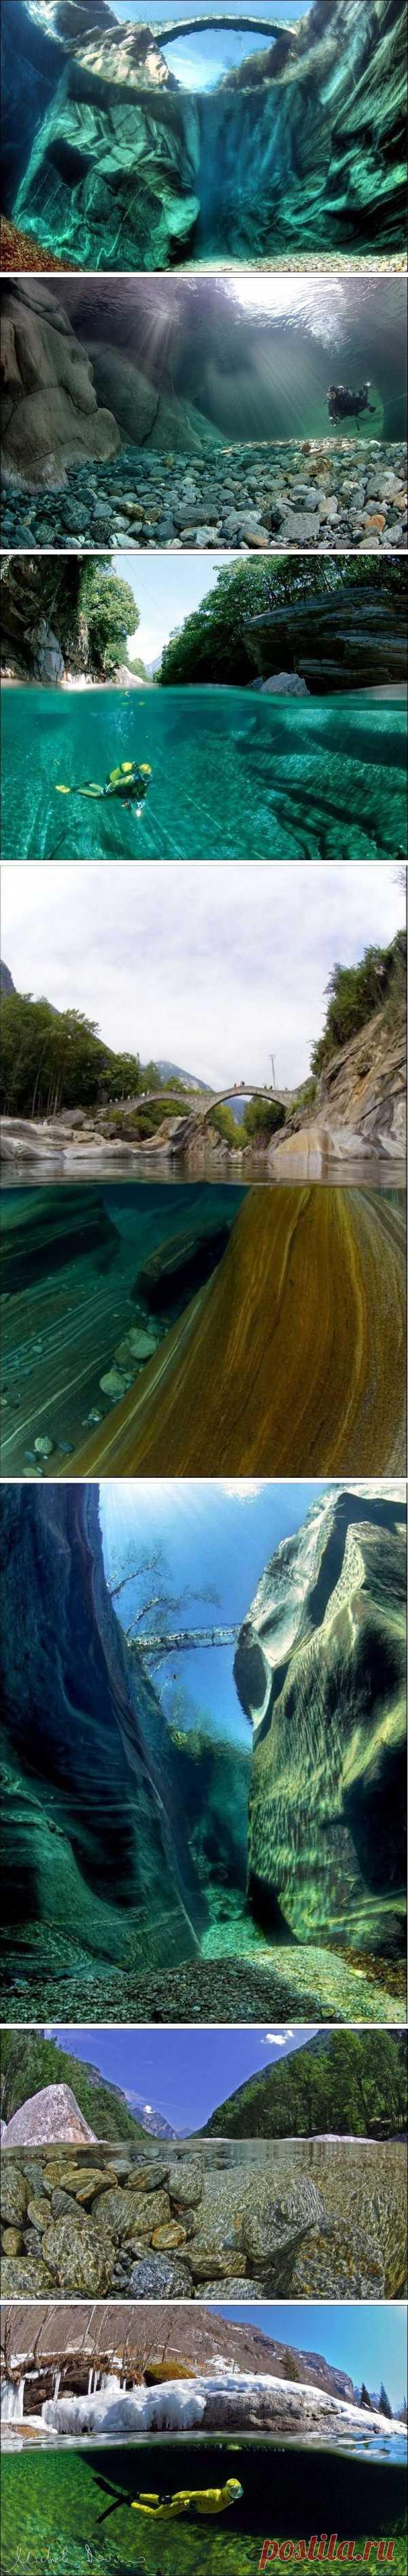 El agua pura a la profundidad de 15 metros. El río Verzaska, Suiza